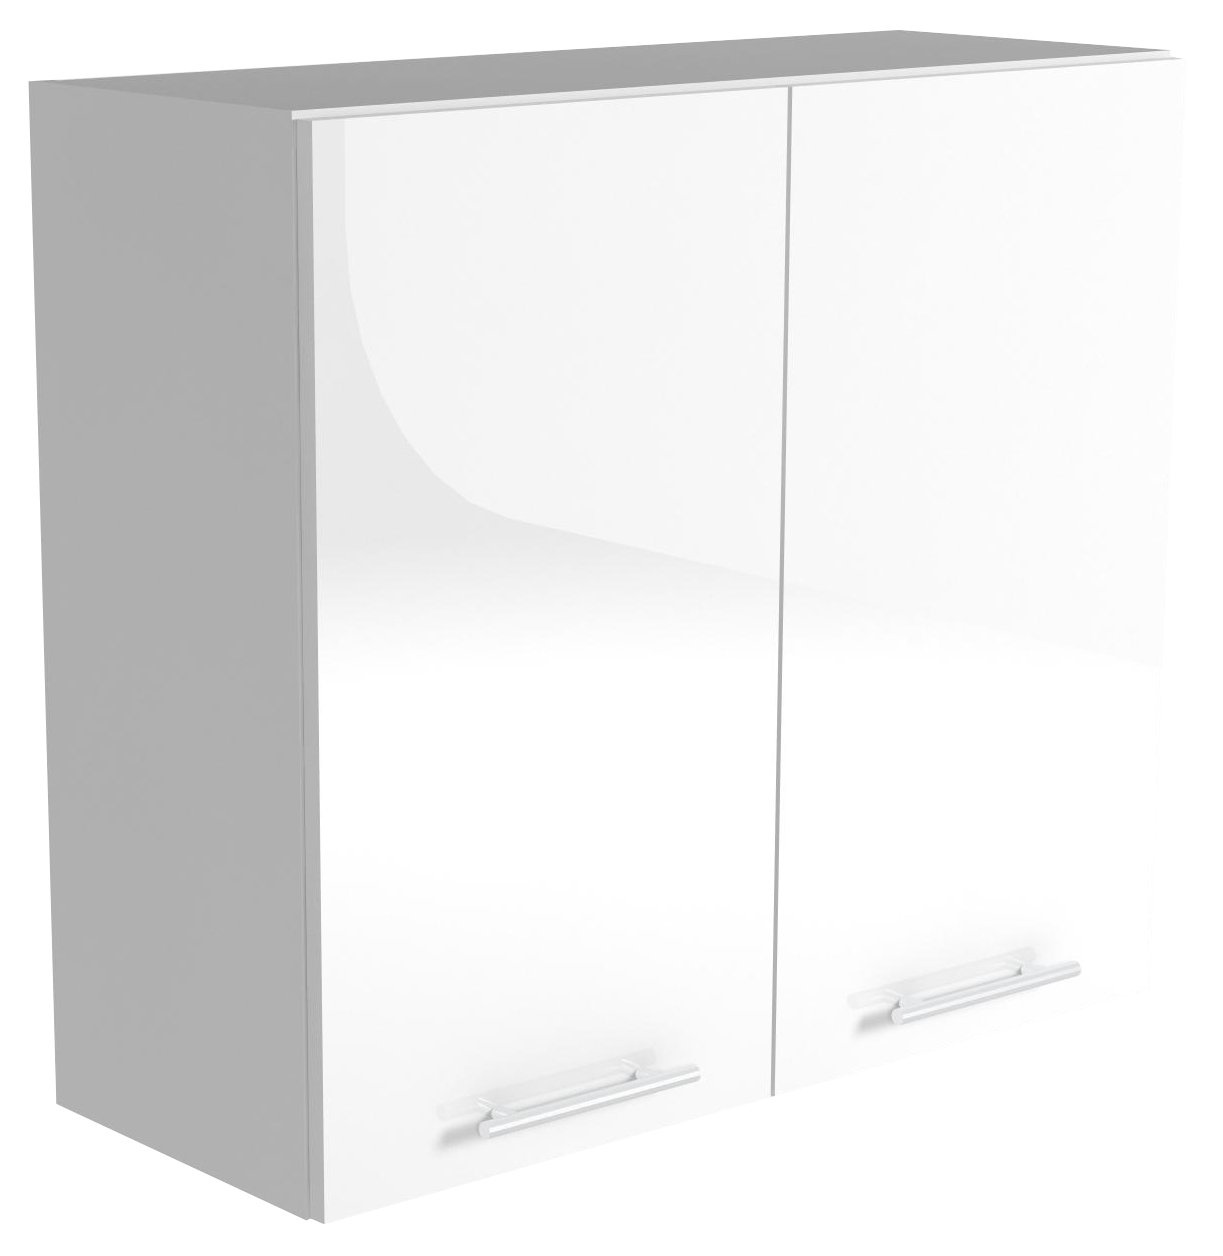 Halmar Horní skříňka VENTO G-80/72, dvířka: bílé lesk